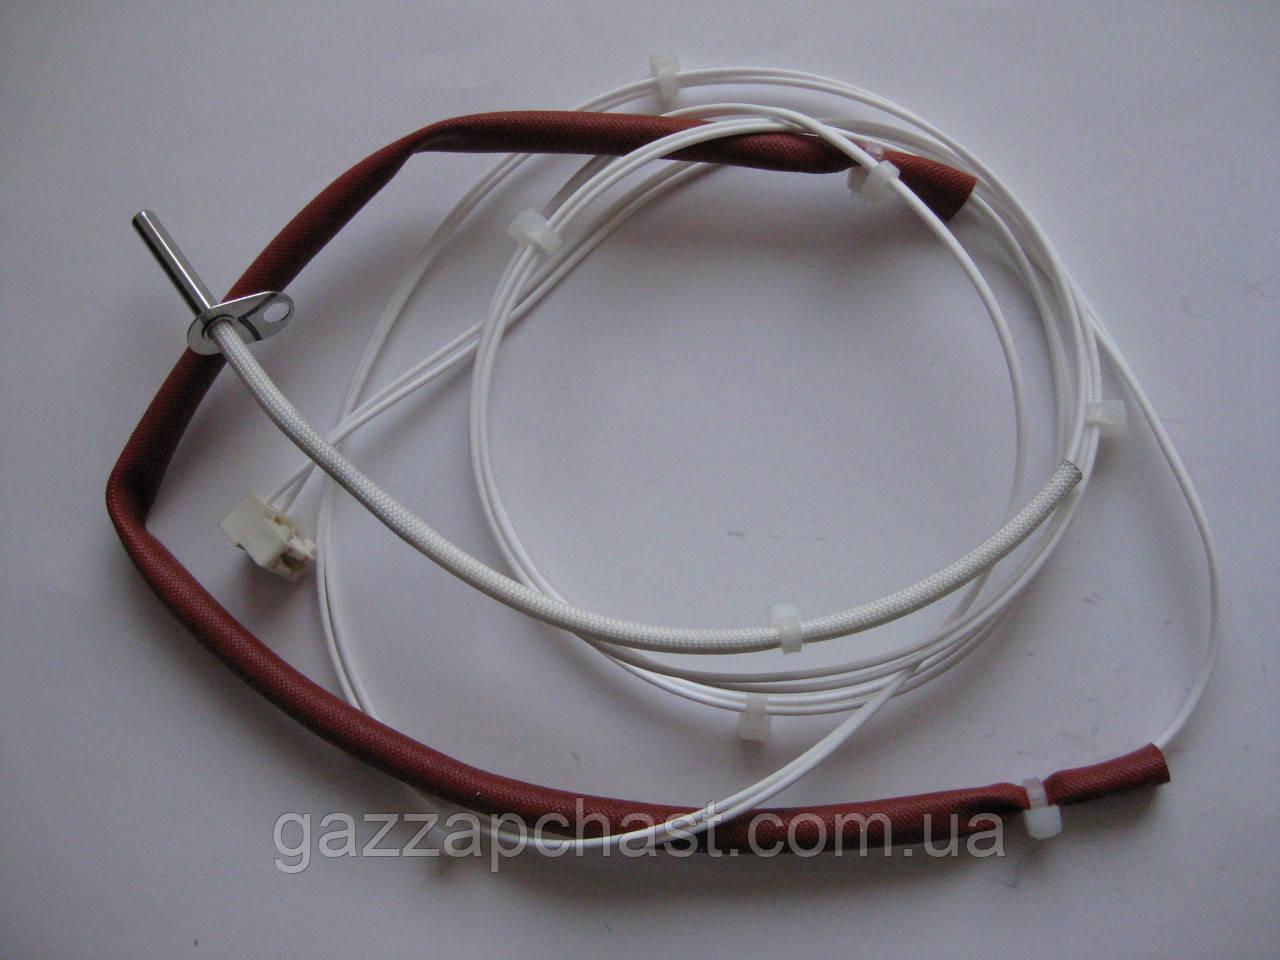 Датчик температуры отходящих газов BAXI Main5, Eco5 Compact (710743700)